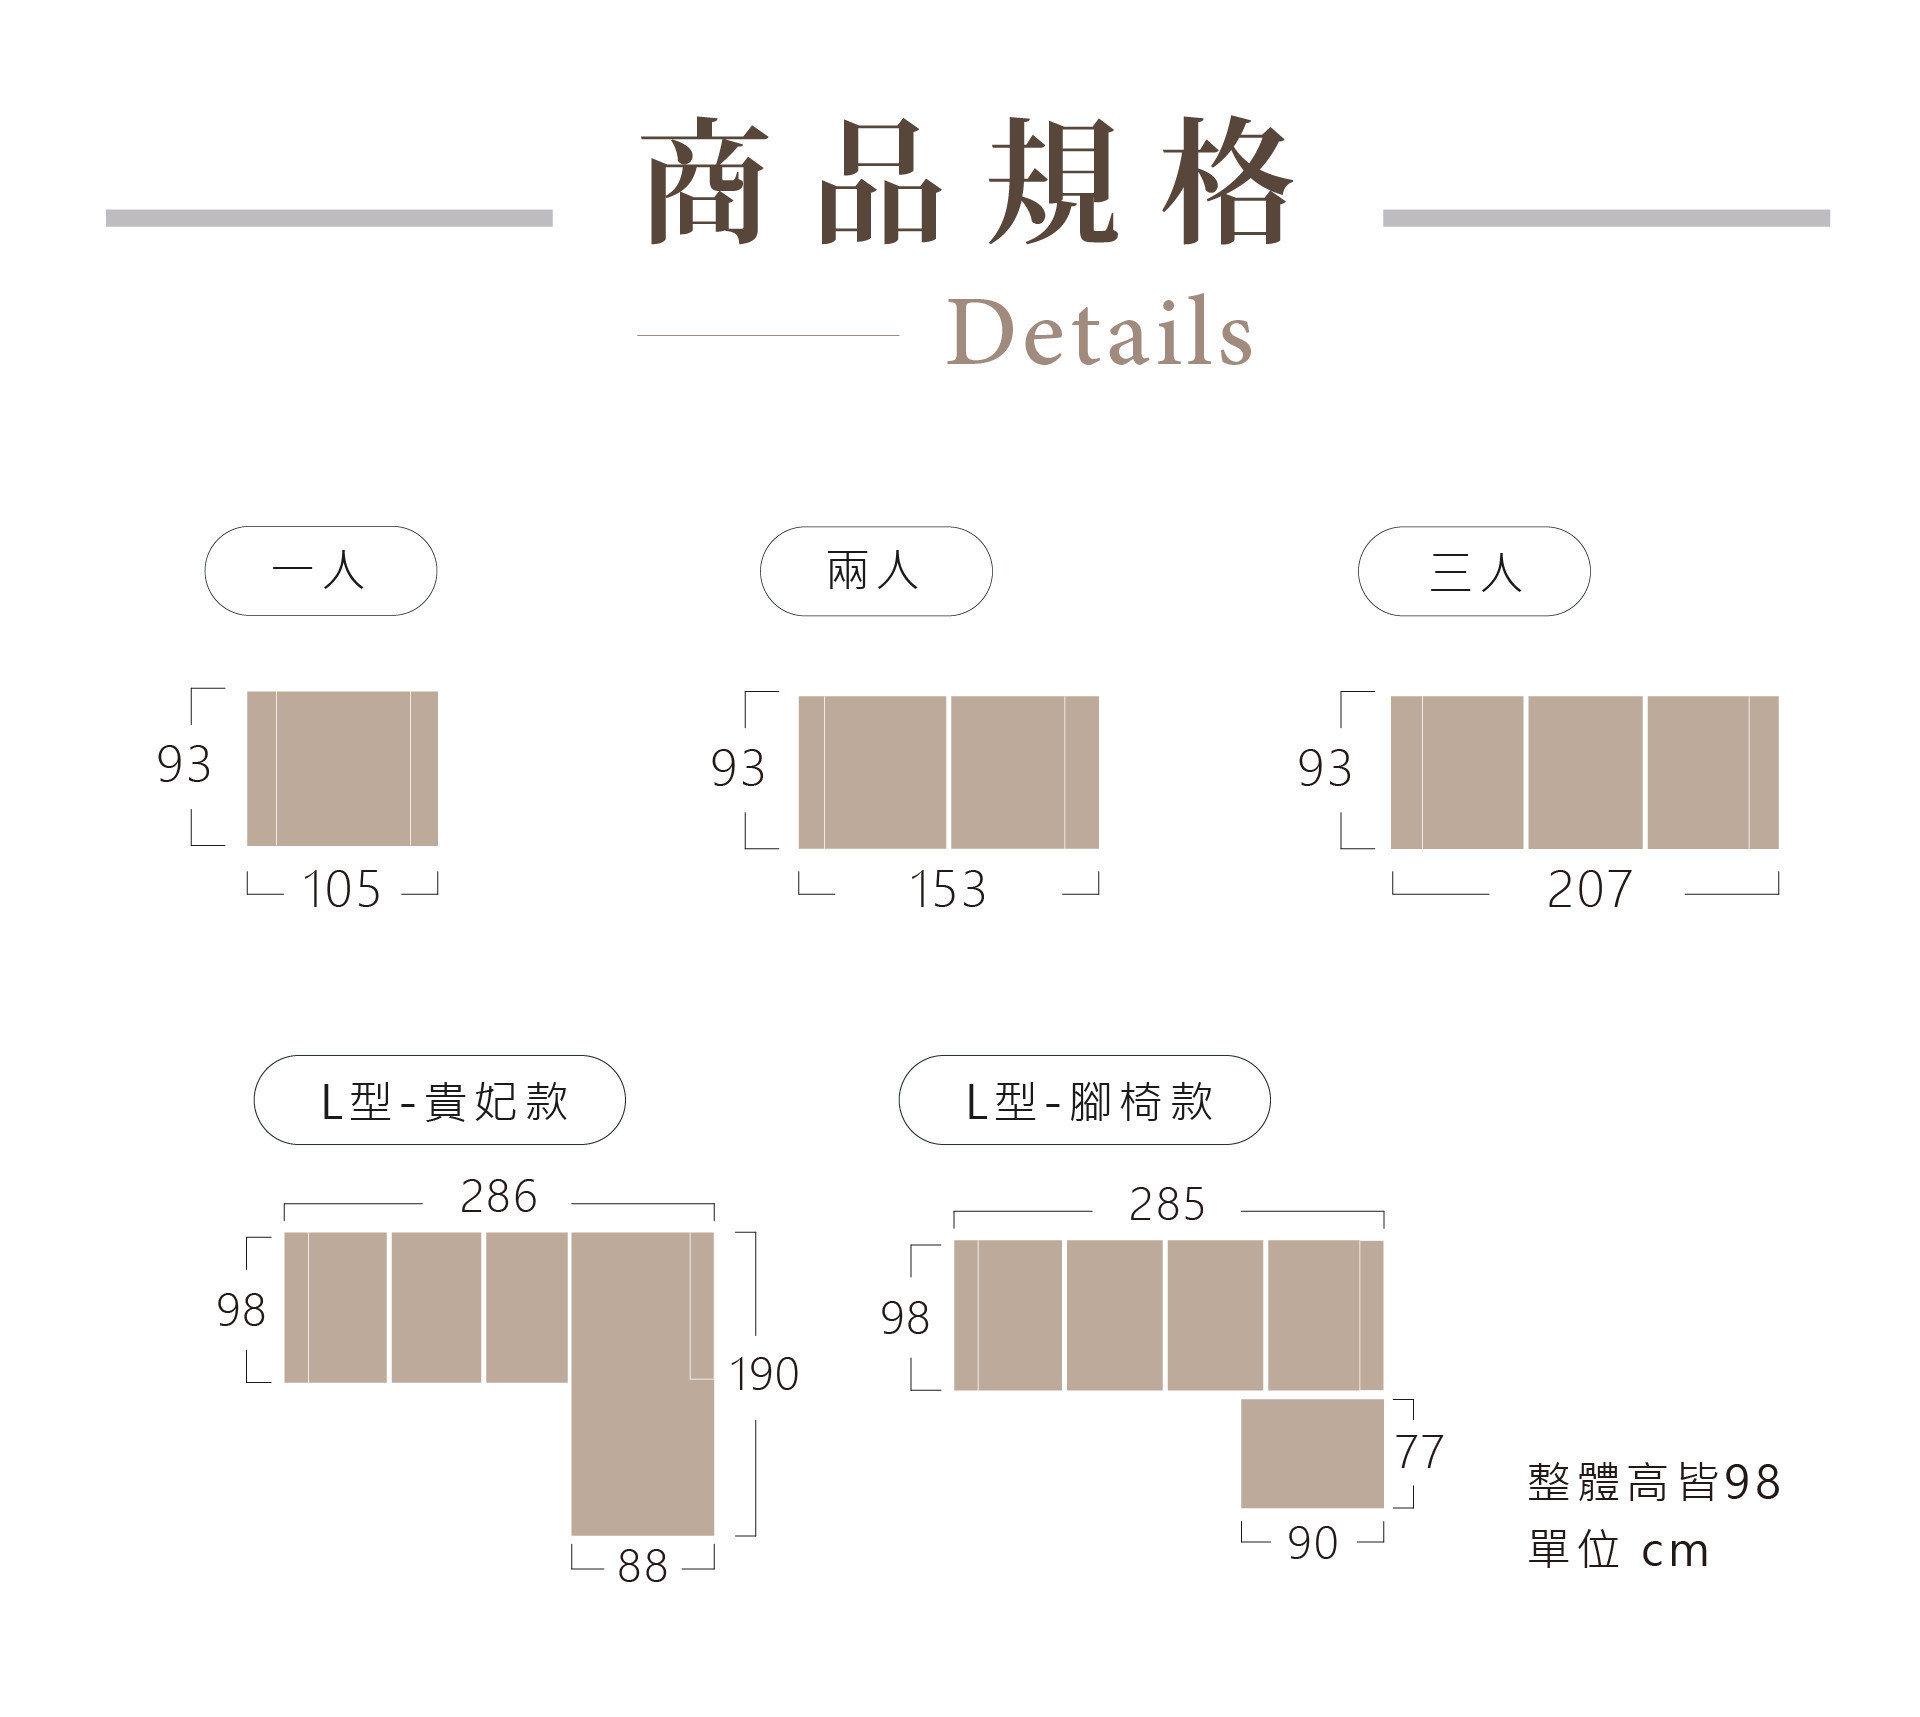 米樂沙發尺寸、版型規格表